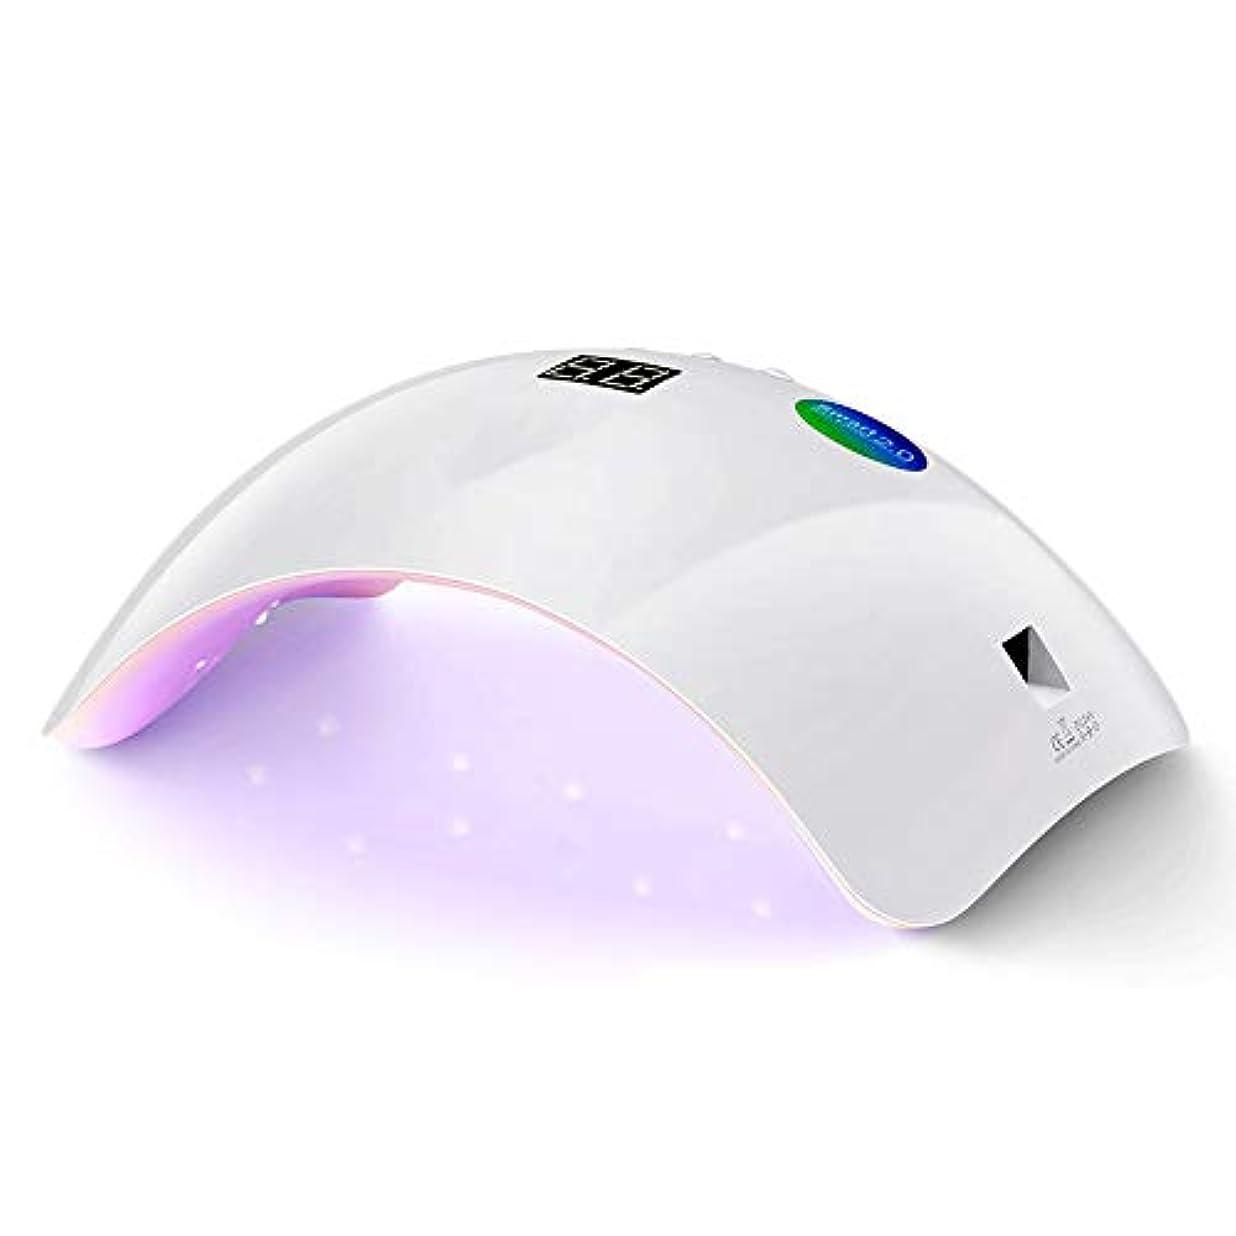 ふくろう原子薄いです36W UV LEDランプネイルドライヤー、ジェルネイルポリッシュ、スマートライト機能付、30秒/ 60秒、99秒低カロリーシェラック